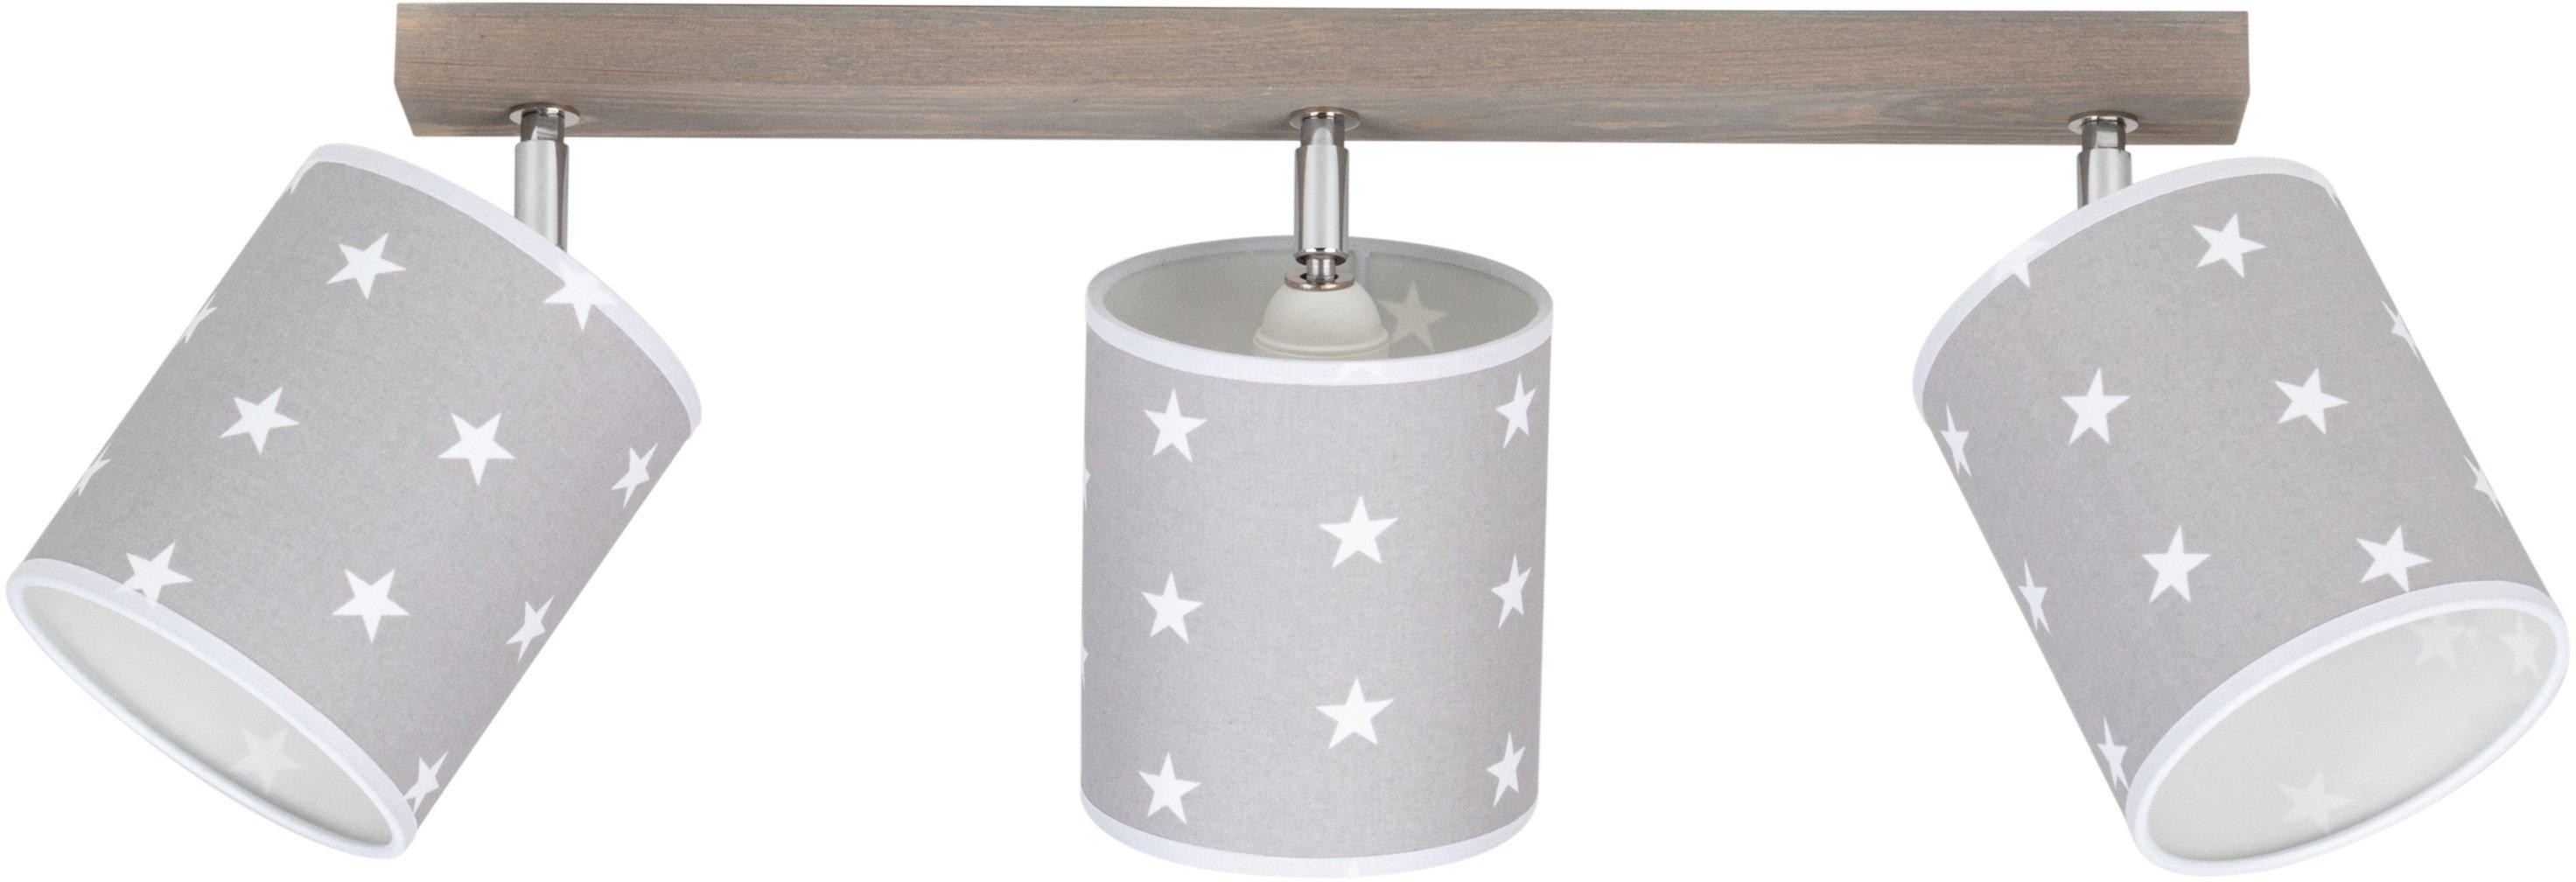 Lüttenhütt plafondlamp Fiete van massief hout, duurzaam met fsc®-certificaat, textielen kappen, bijpassende lm e27/exclusief, made in europe (1 stuk) voordelig en veilig online kopen